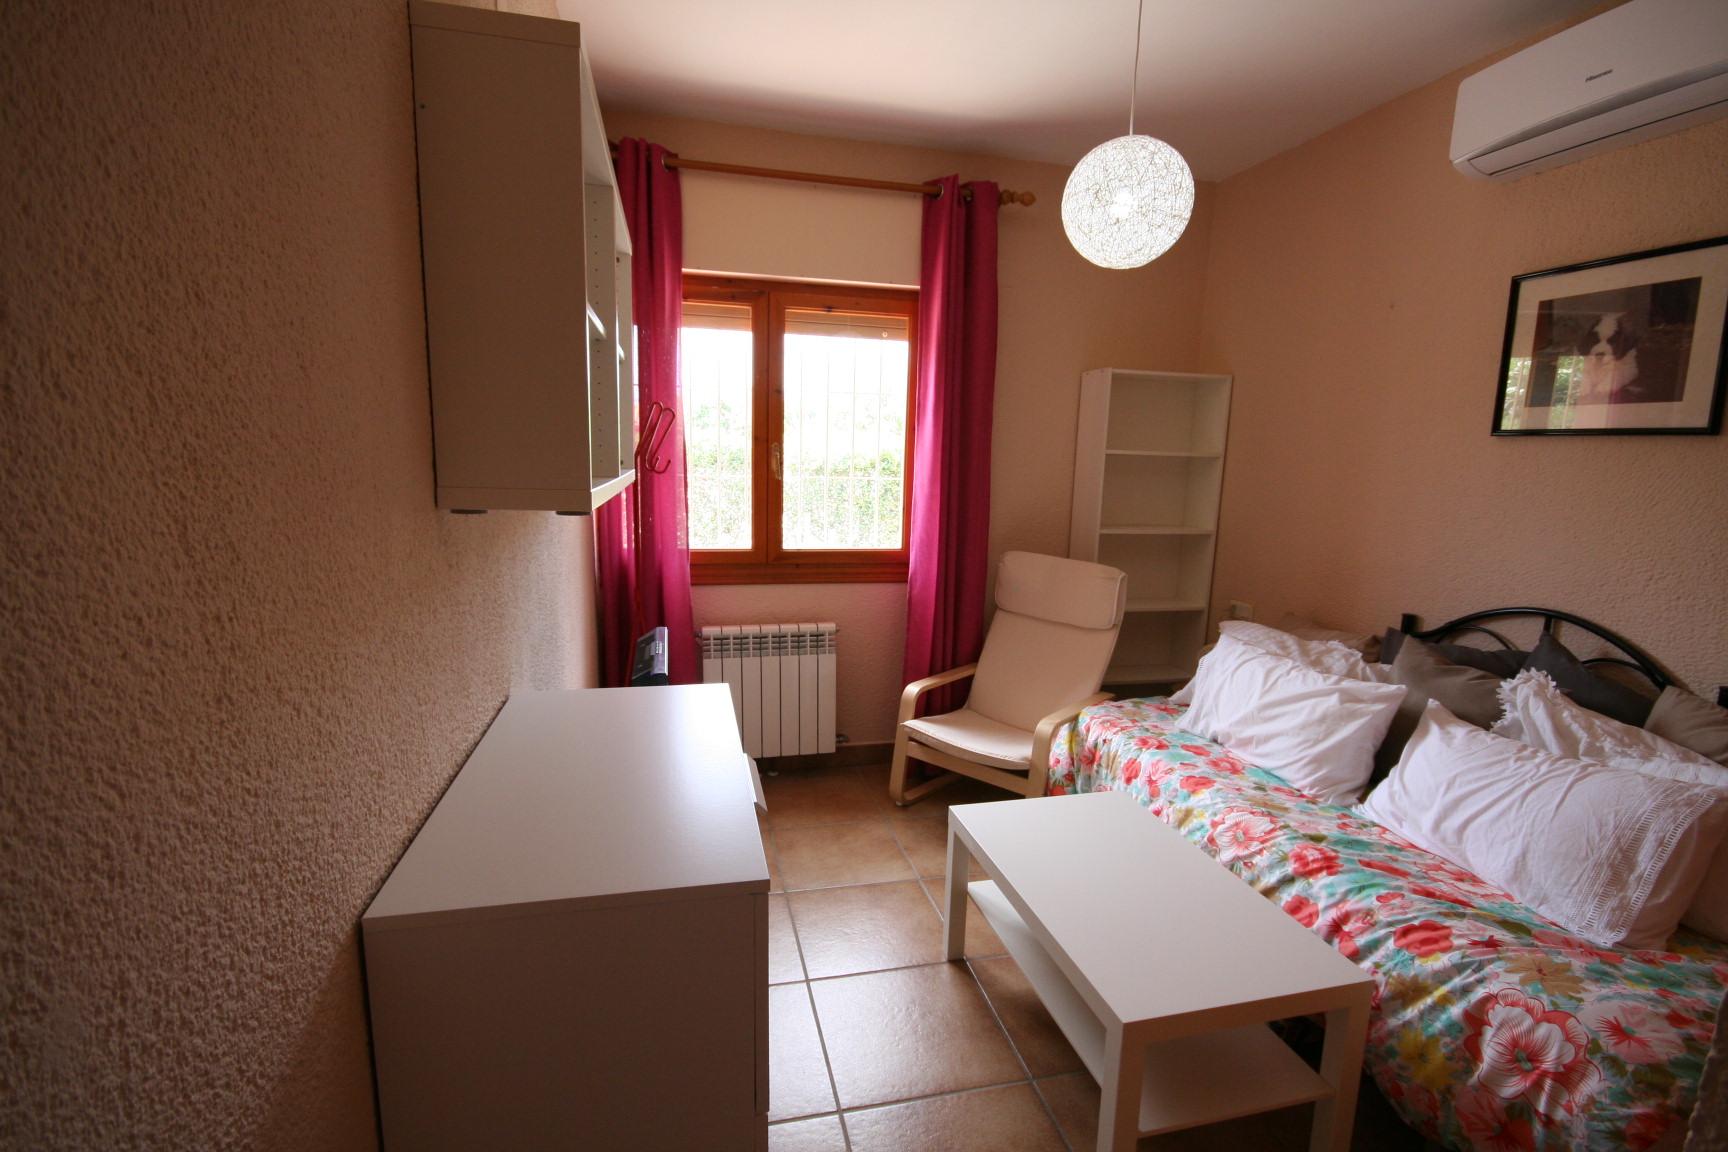 costa blanca immobilie kaufen haus kaufen denia an der costa blanca spanien immobilien. Black Bedroom Furniture Sets. Home Design Ideas